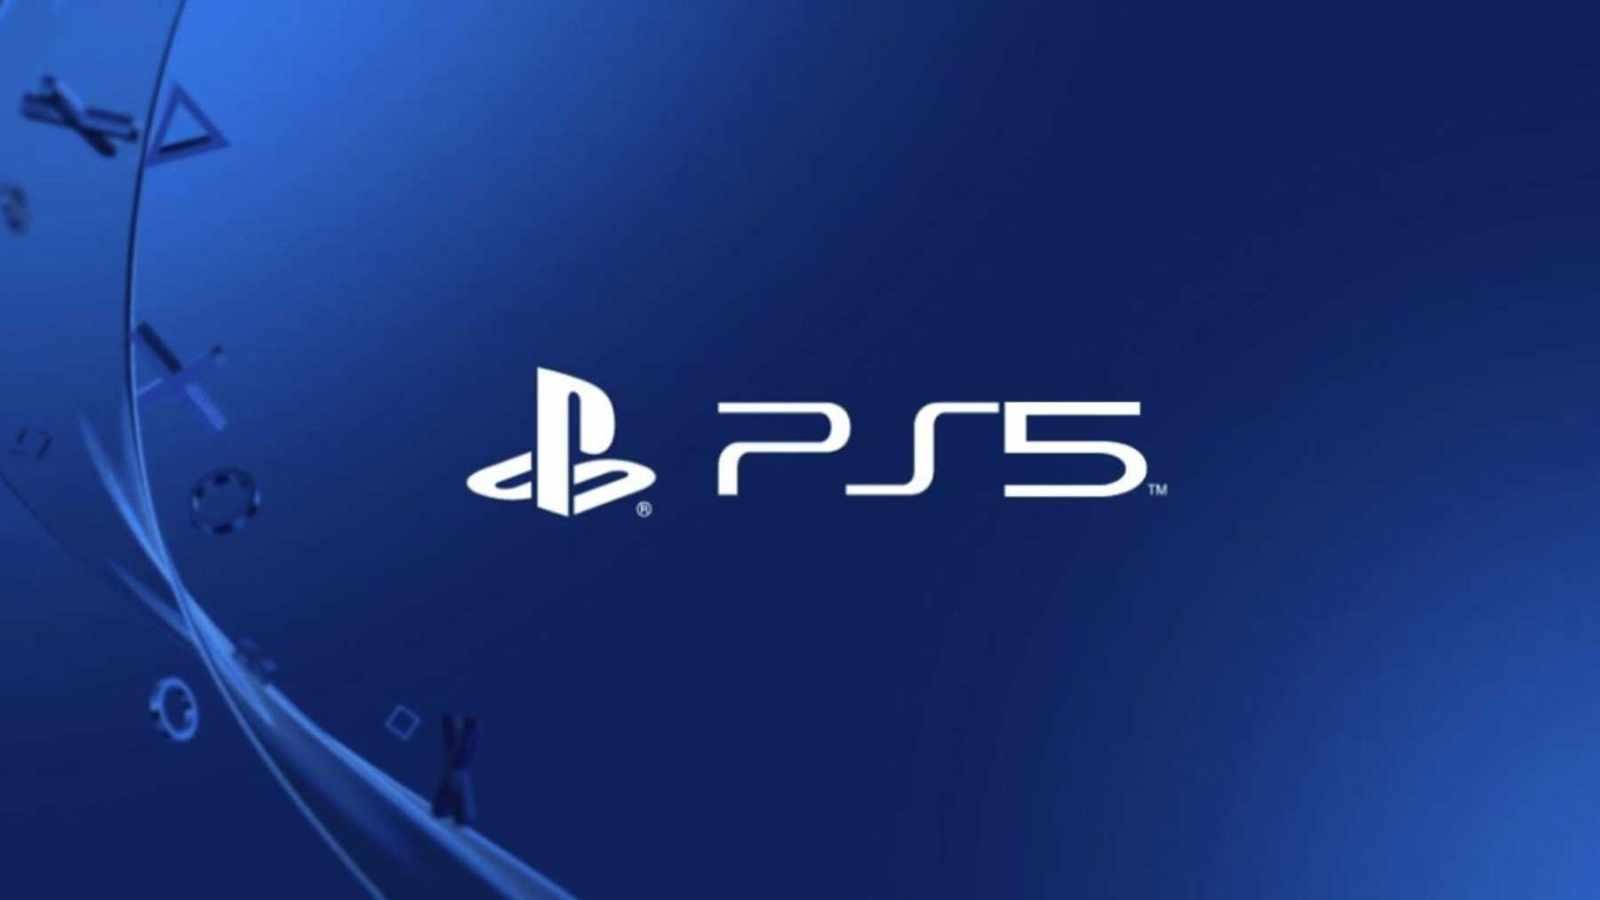 索尼确认PS5游玩单机光盘游戏不强制联网更新补丁,商店与系统深度集成